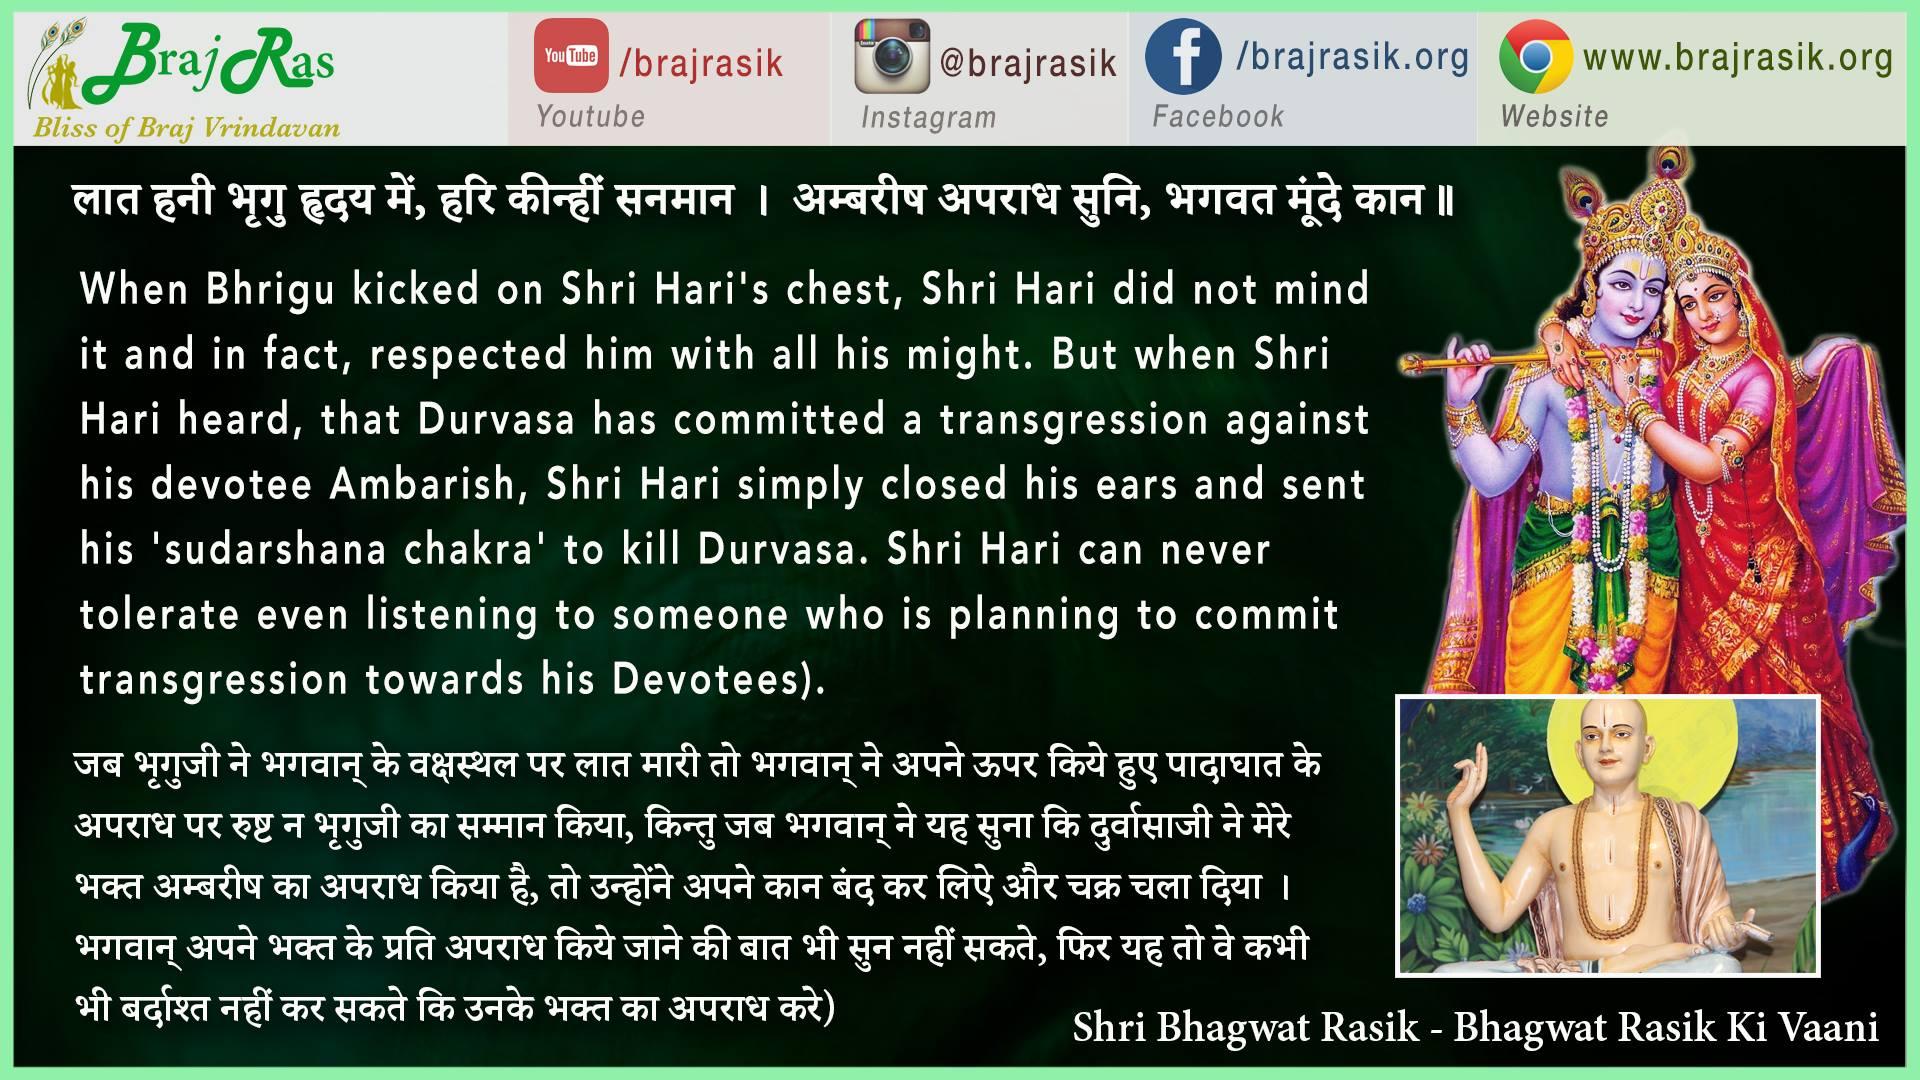 Laat Hani Bhrigu Hridey mein - Shri Bhagwat Rasik - Bhagwat Rasik Ki Vaani